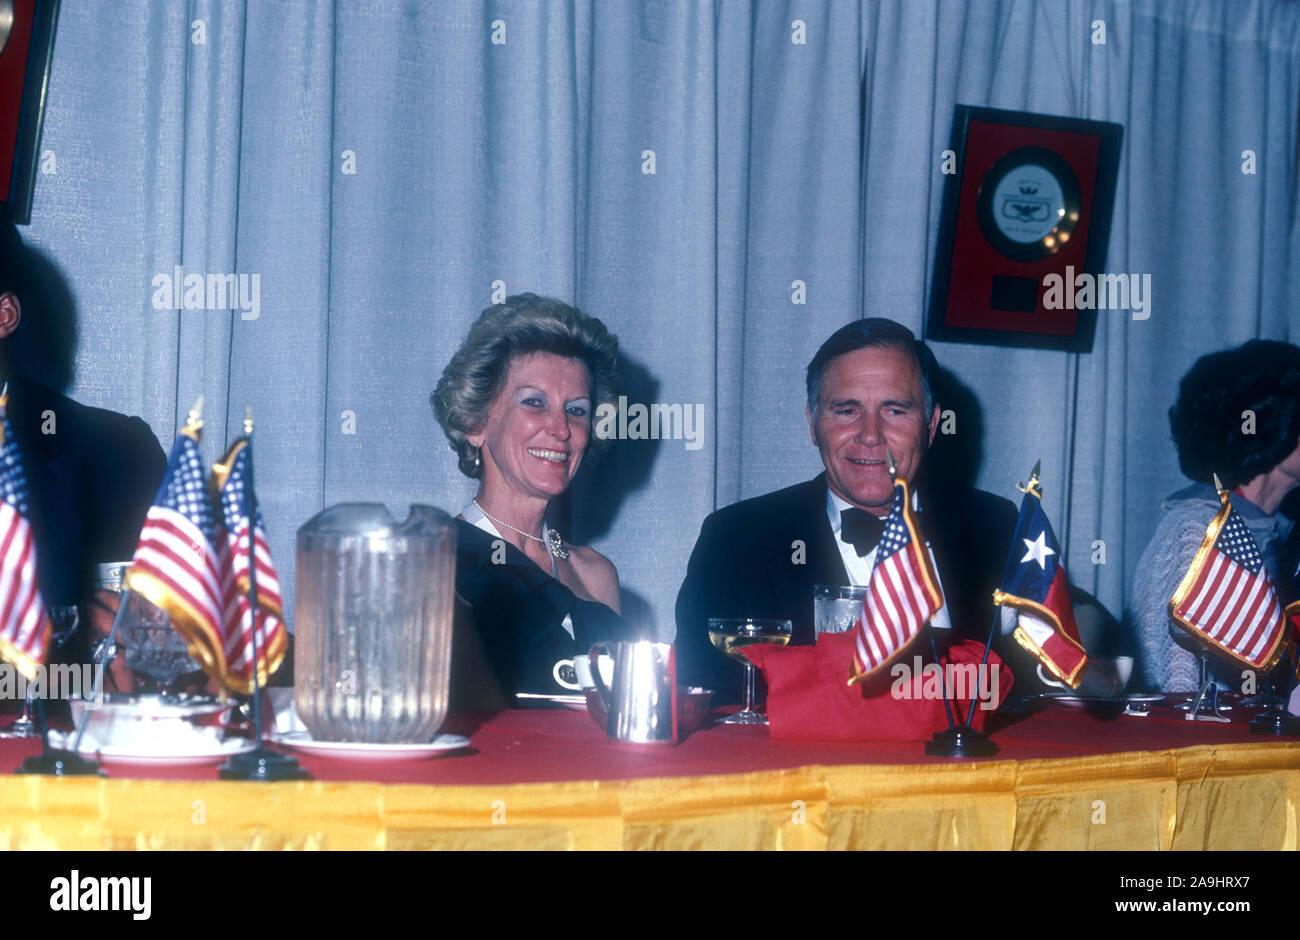 NEW ORLEANS, LA - 24 juin: M. et Mme Richard Haynes s'asseoir à une table pendant la réalisation de l'Académie 1982 Plaque Or Awards le 24 juin 1982 à la Nouvelle Orléans, Louisiane. (Photo de Hy Peskin) Banque D'Images